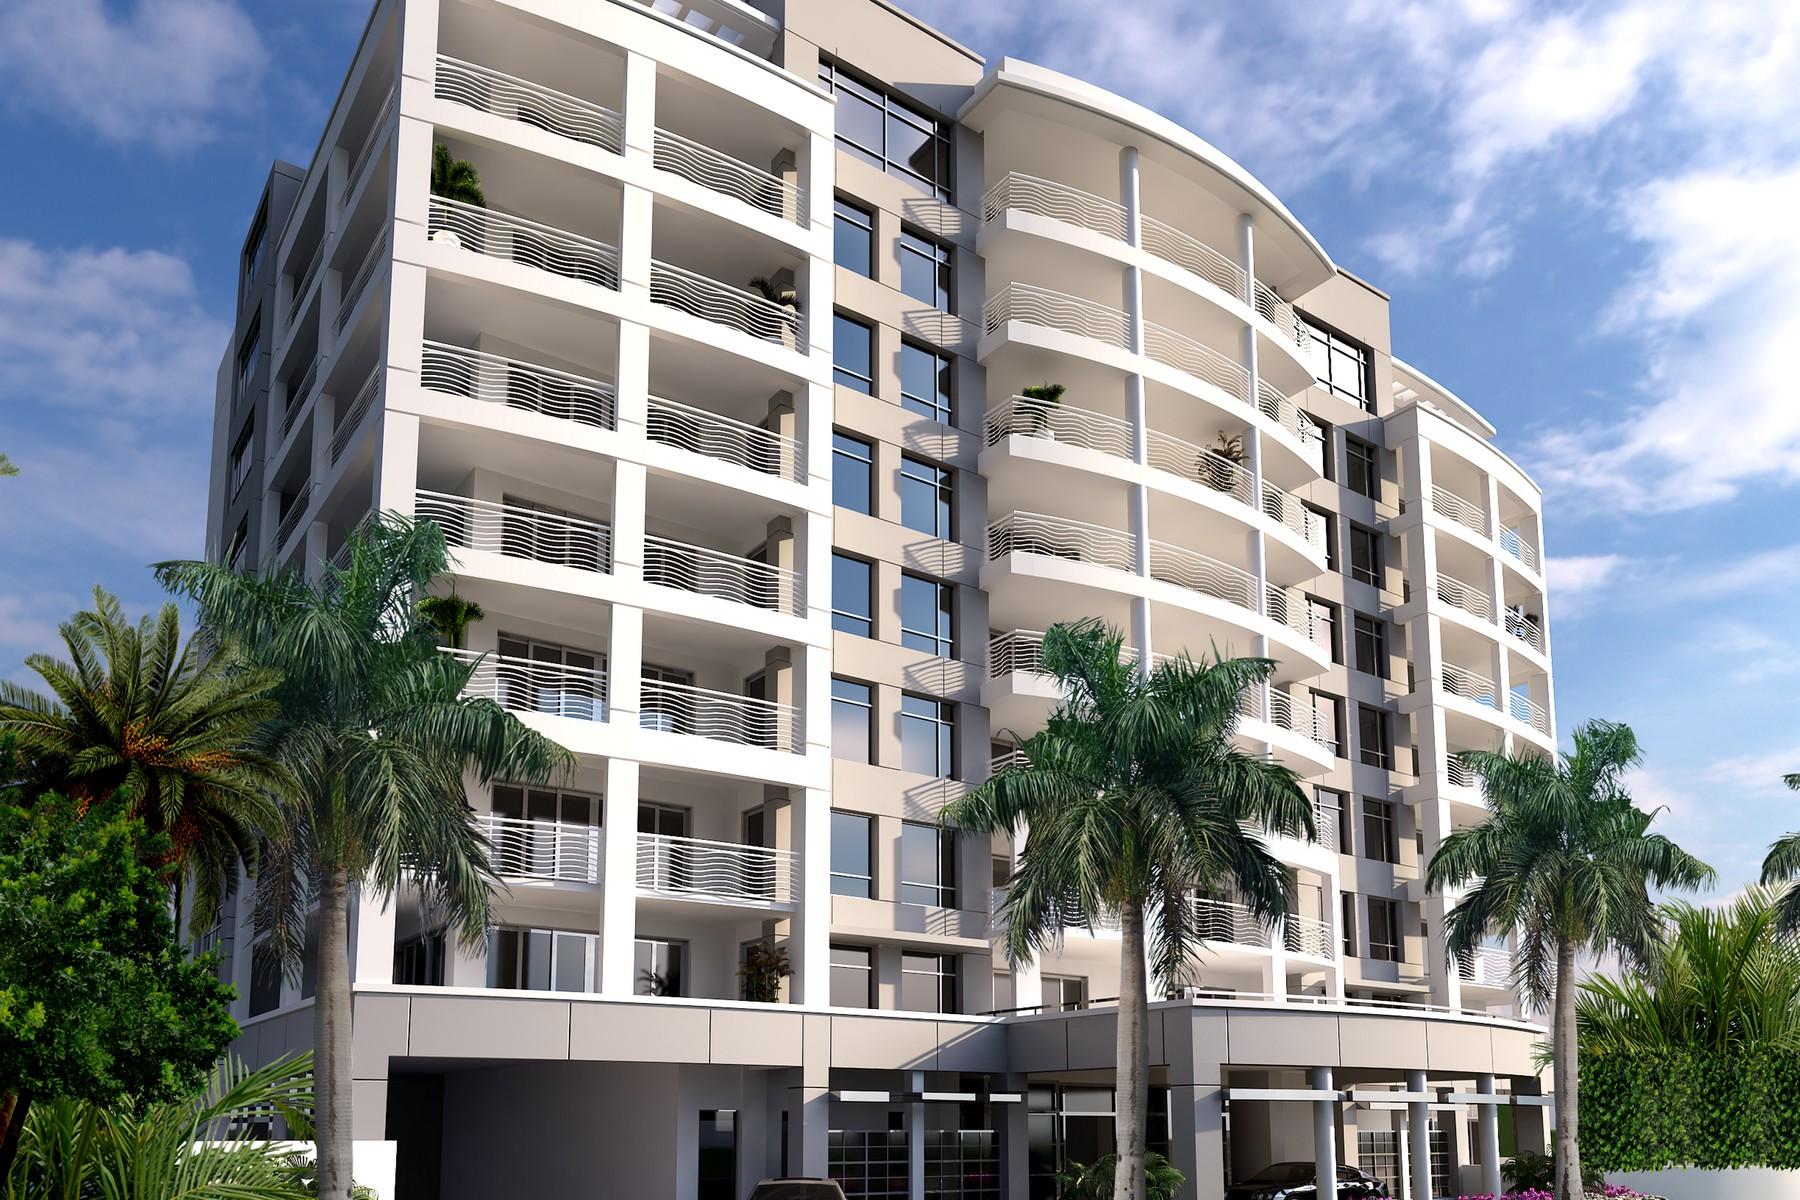 共管物業 為 出售 在 327 E Royal Palm Rd , 701, Boca Raton, FL 33432 327 E Royal Palm Rd 701 Boca Raton, 佛羅里達州 33432 美國